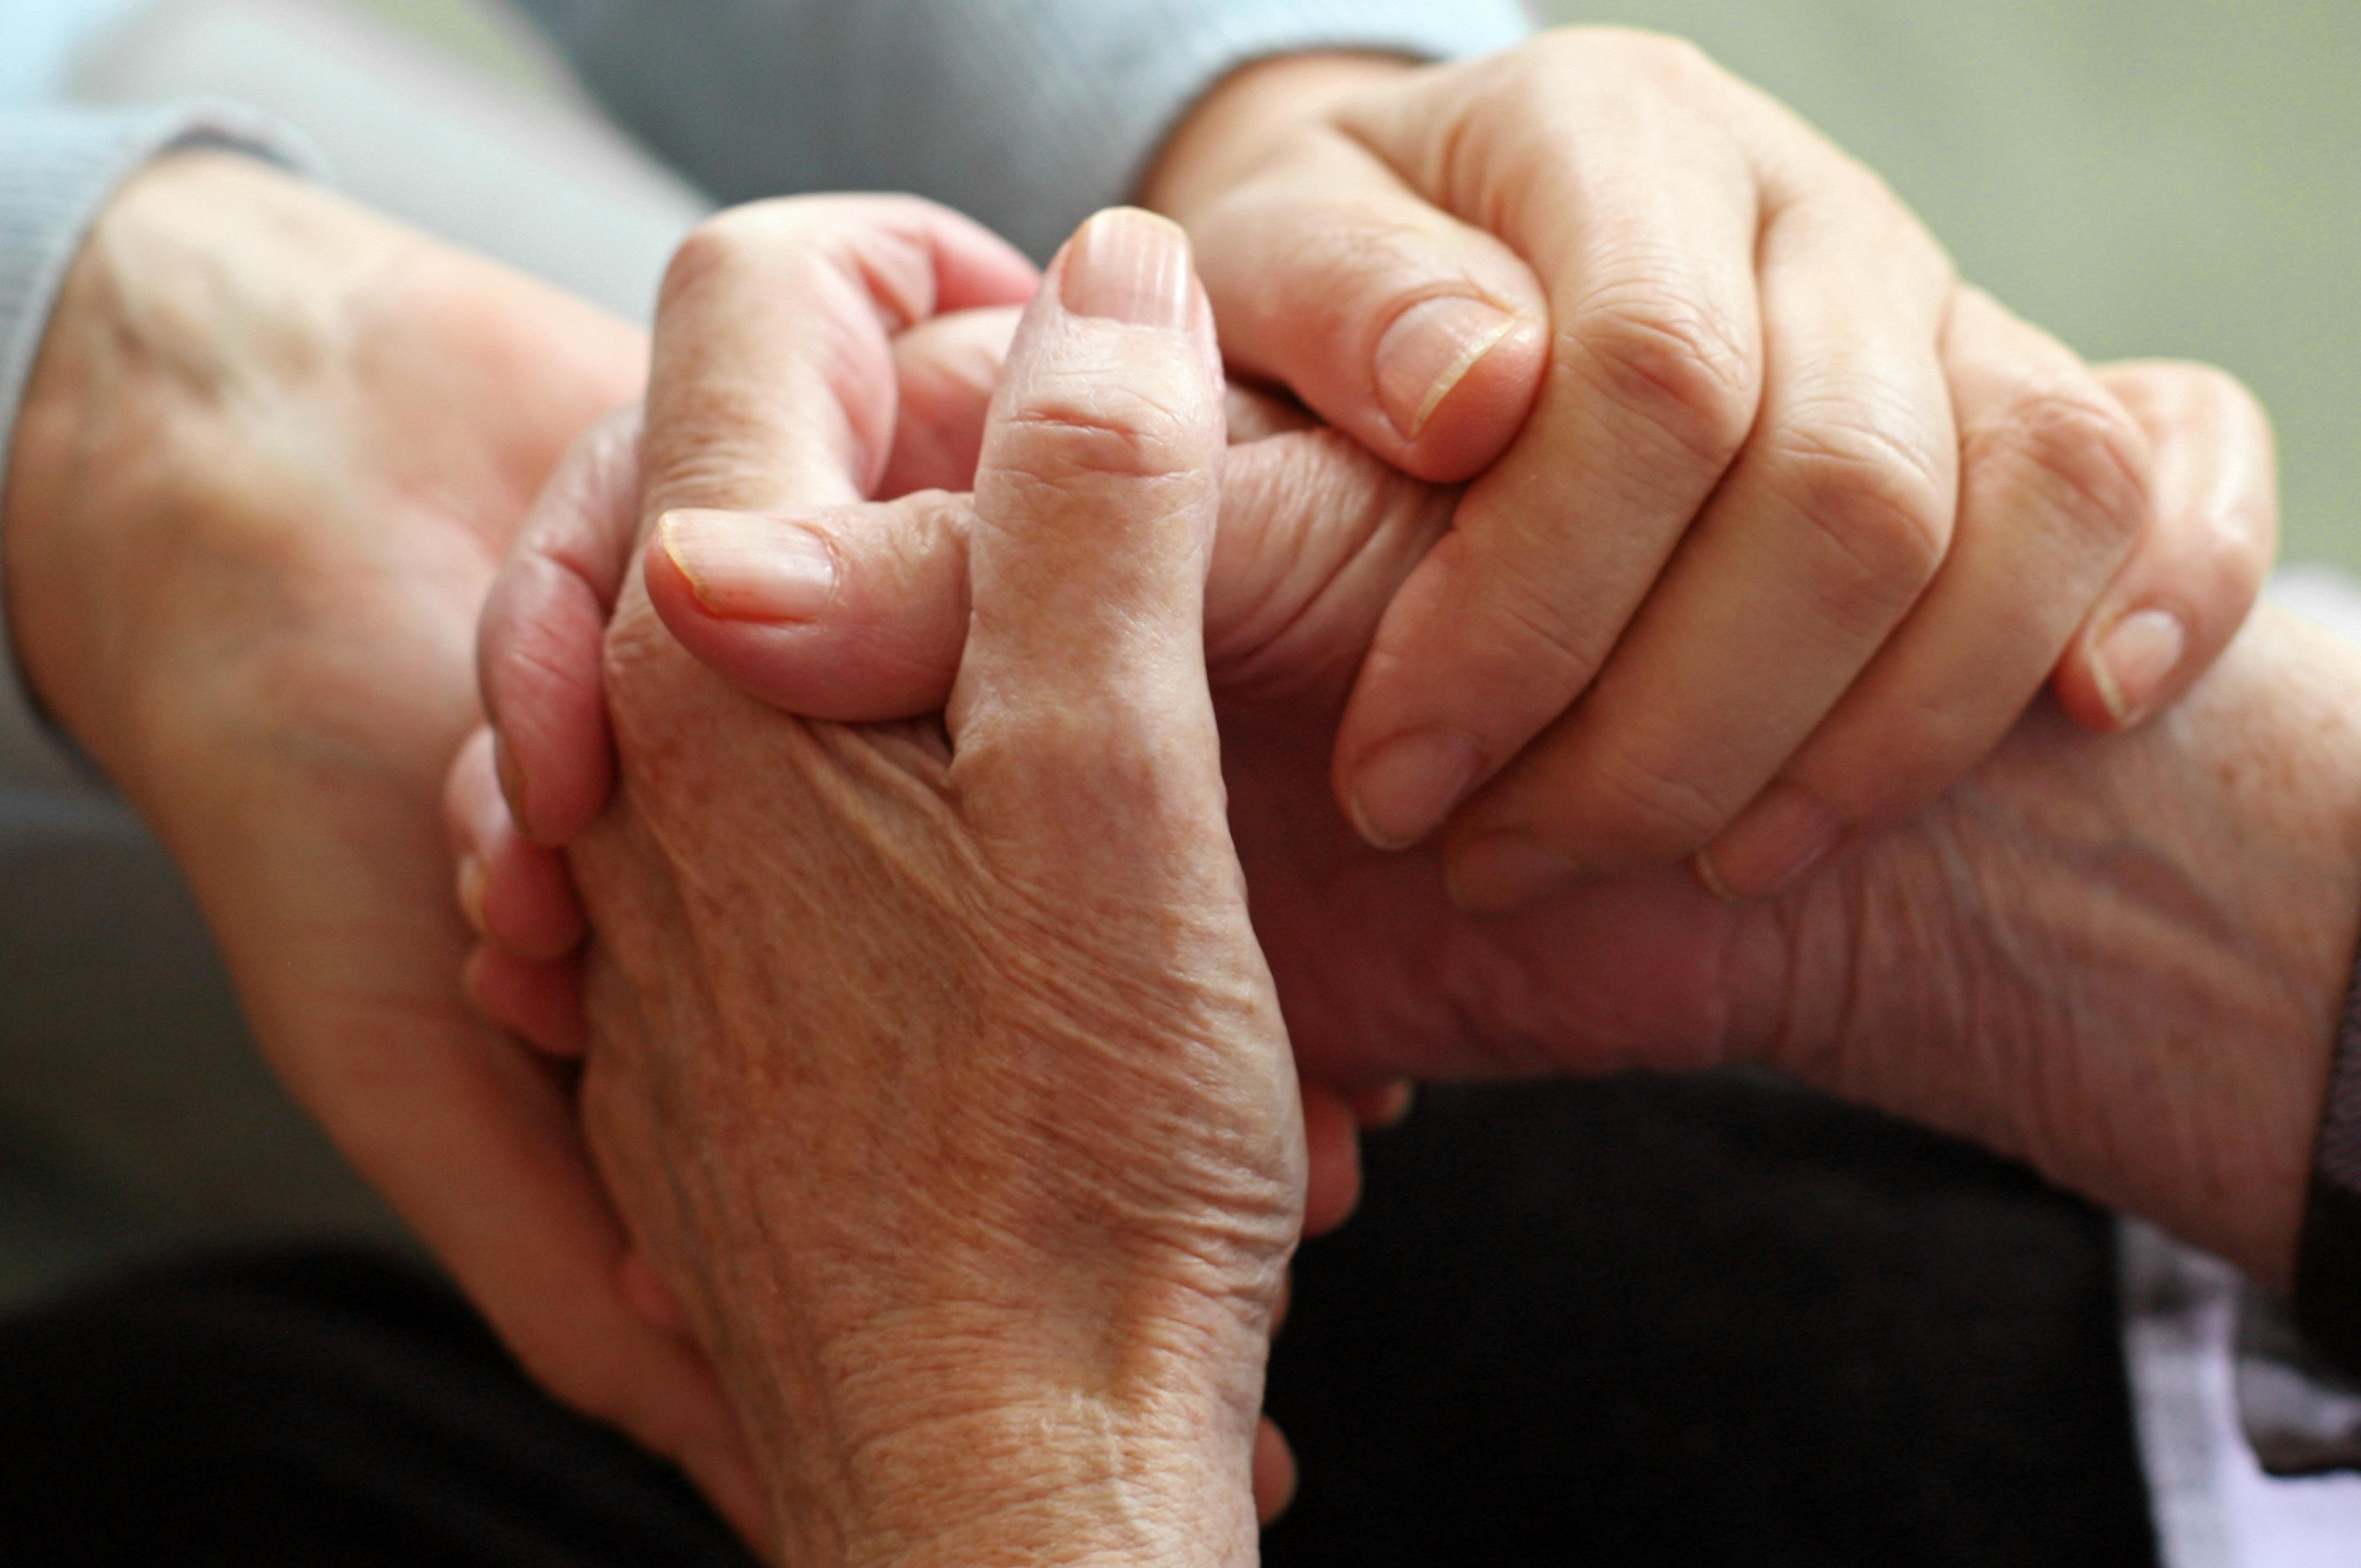 Vid både MS och Parkinson är kontinuerlig uppföljning av stor vikt för sjukdomarnas utveckling och behandlingens effekt.